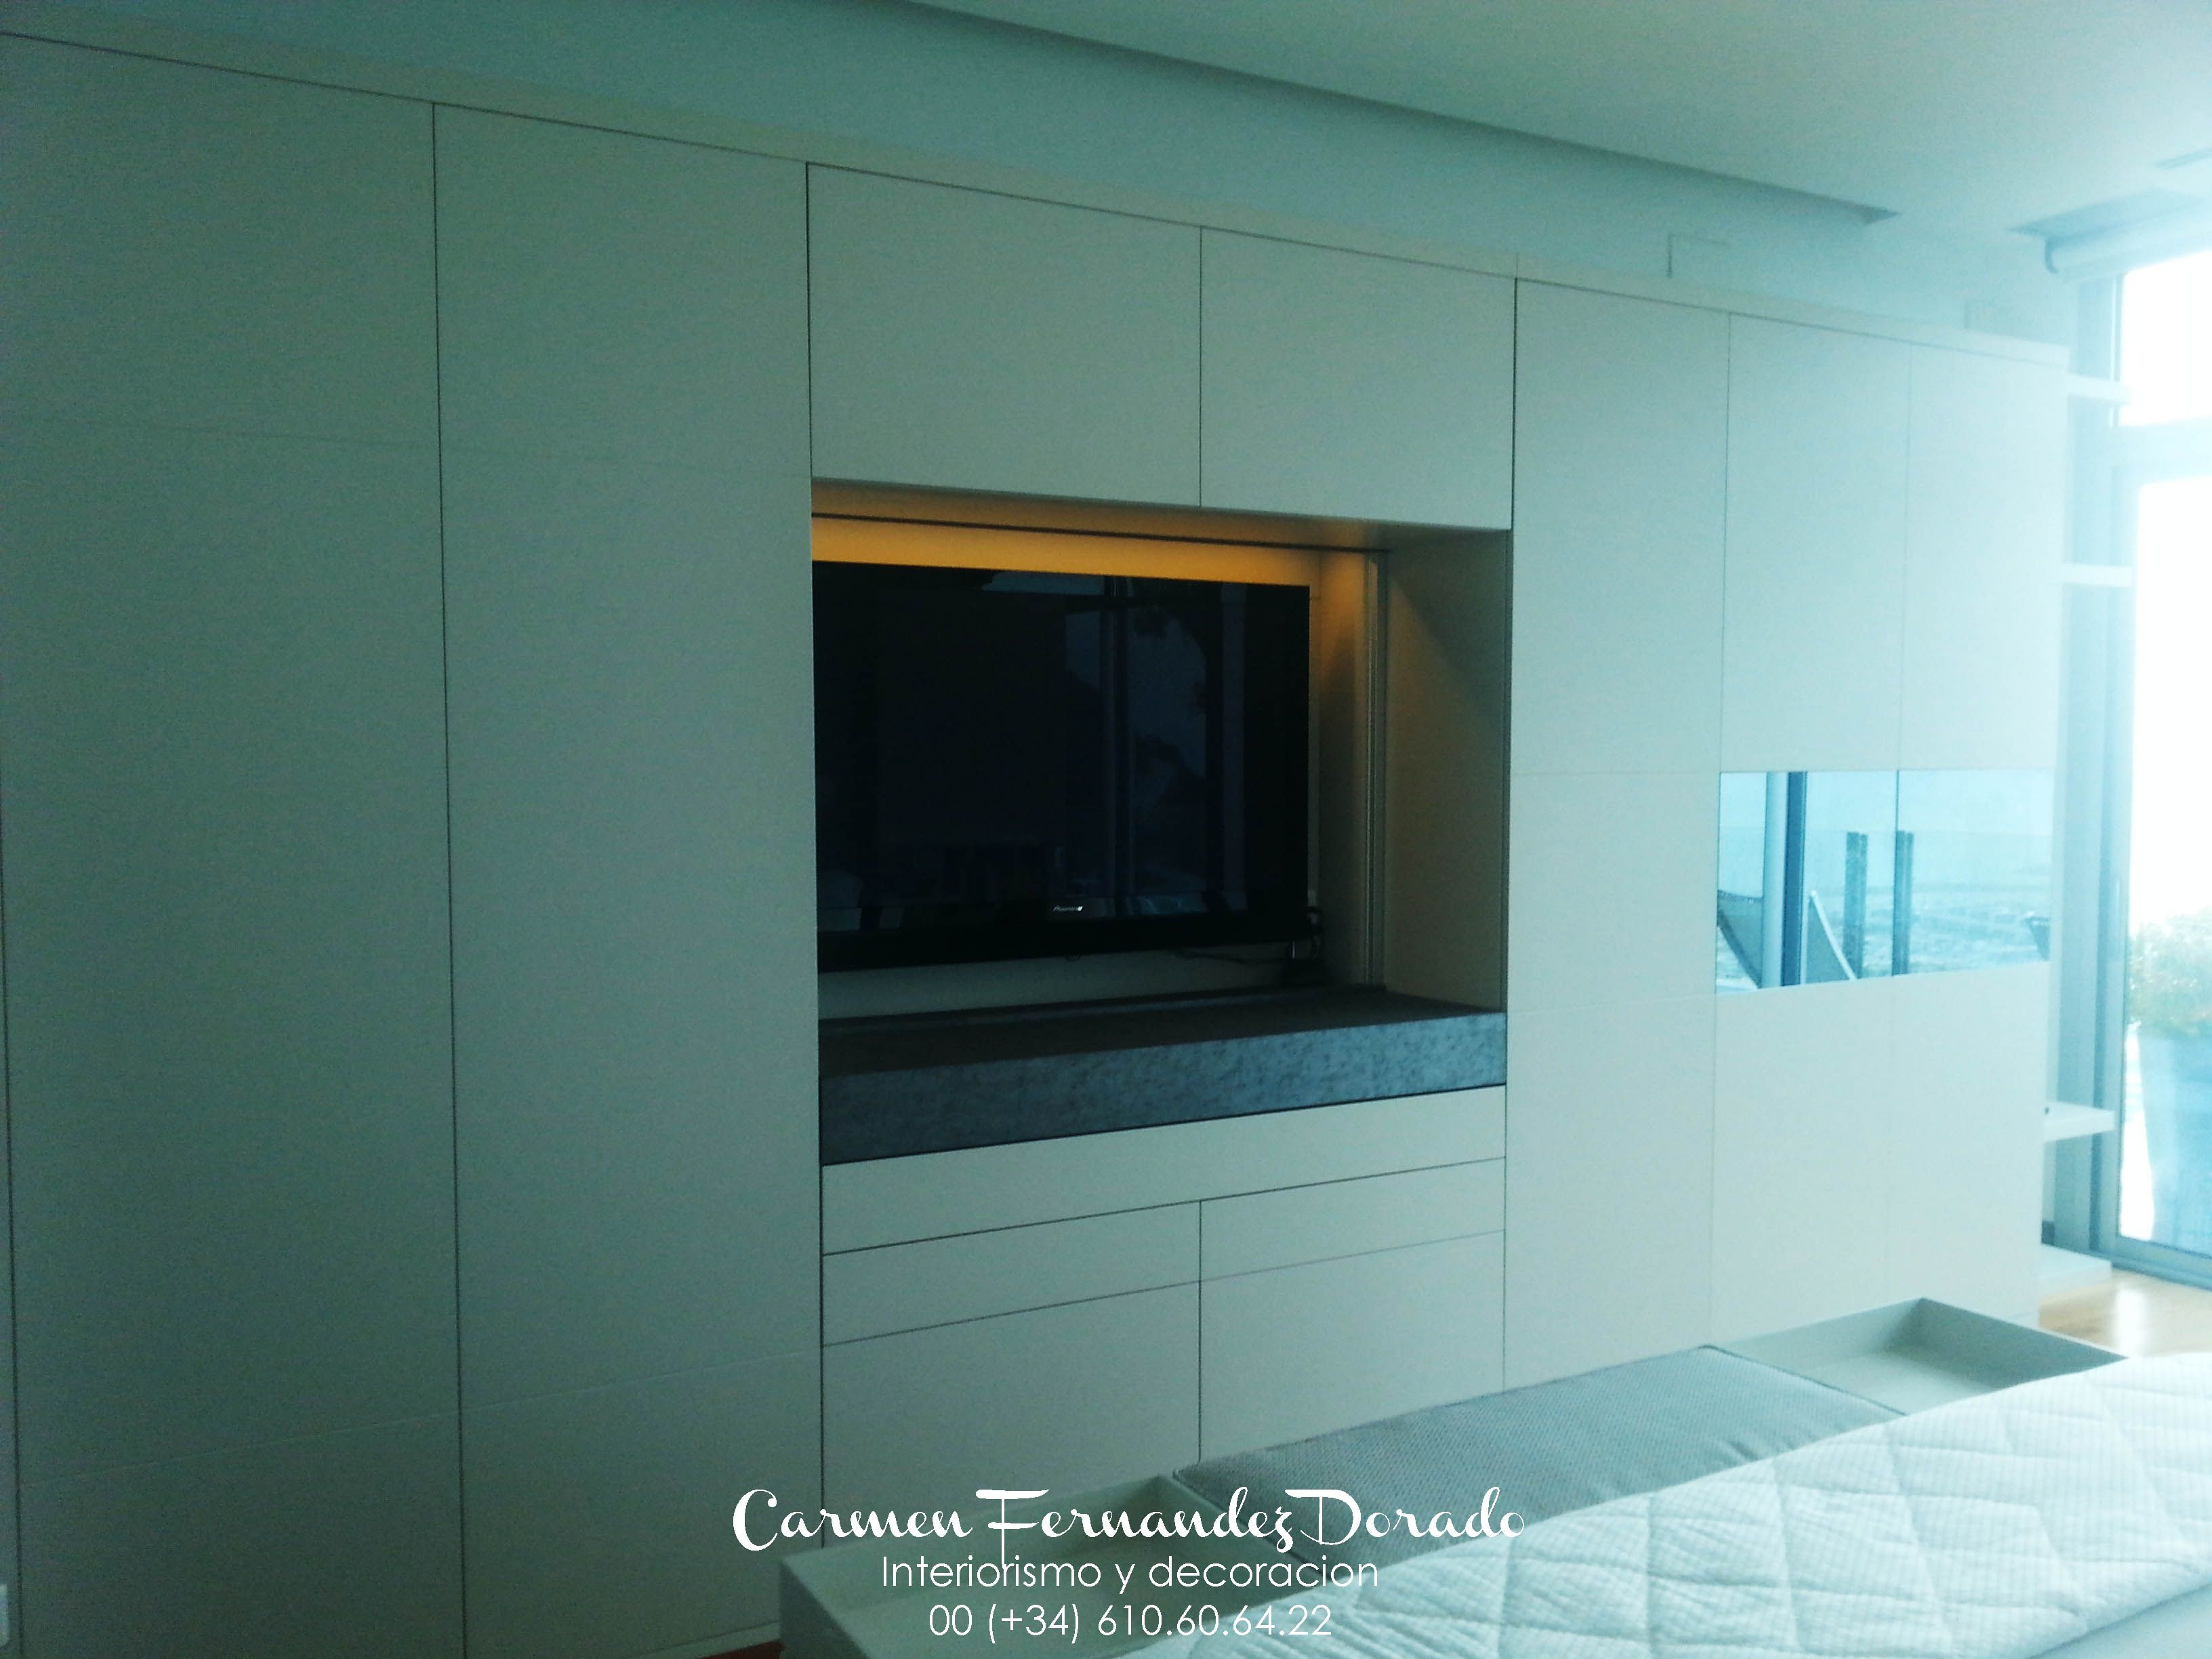 Diseño de armario personalizado. TV integrada con puertas ...